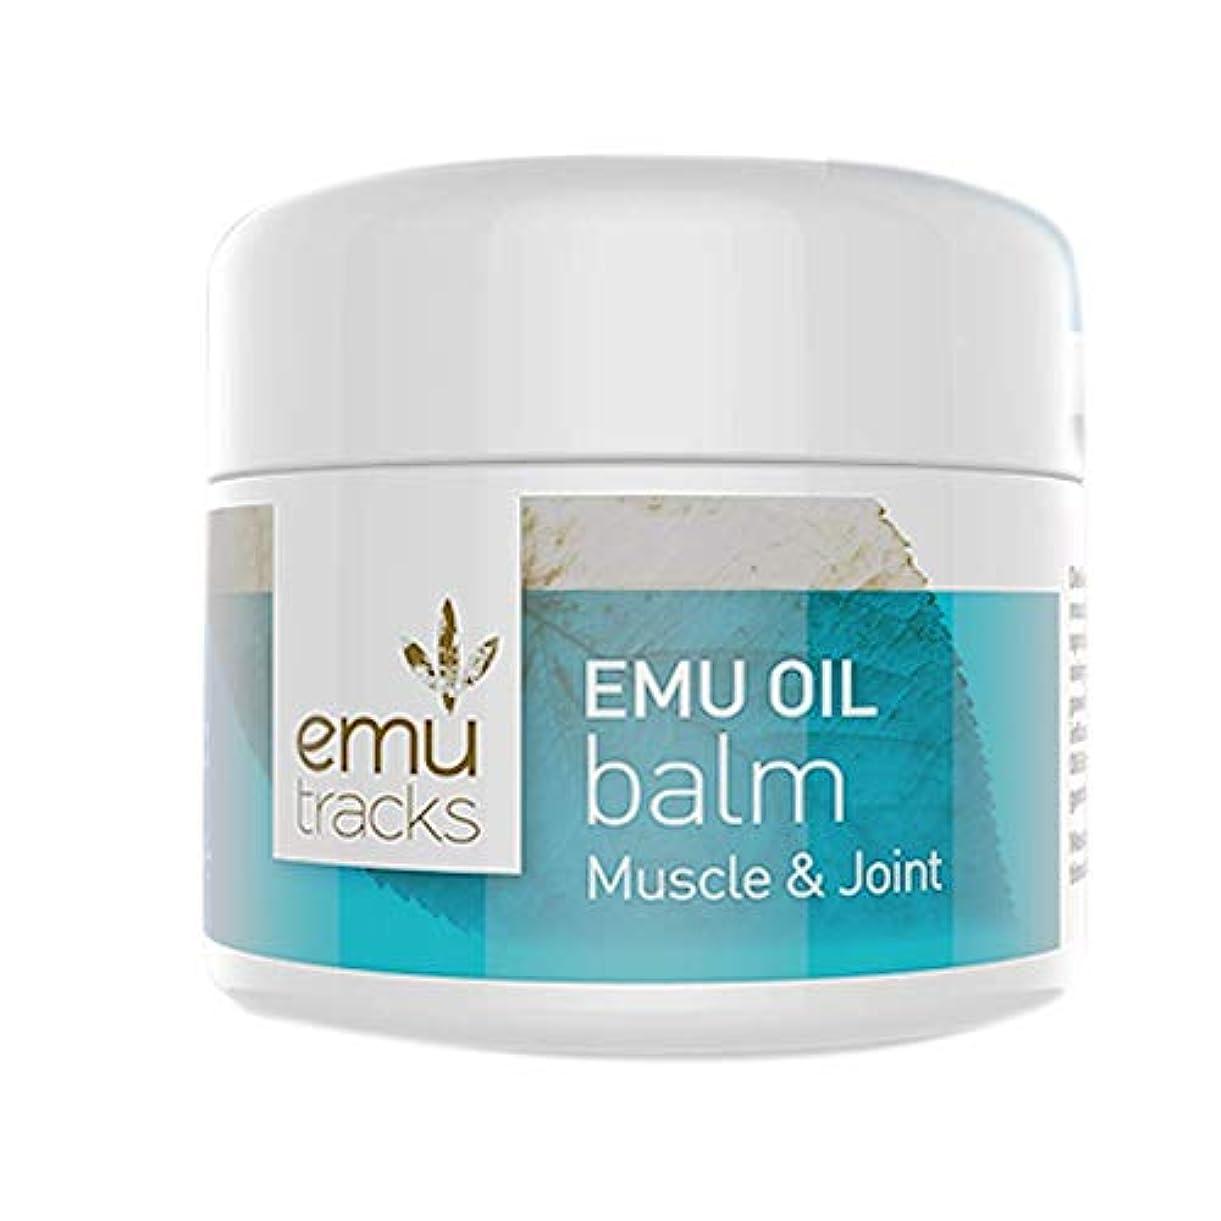 ロッカー振る舞い不満[Emu Tracks] エミュー?オイル?バーム(Muscle & Joint)50g 【海外直送】